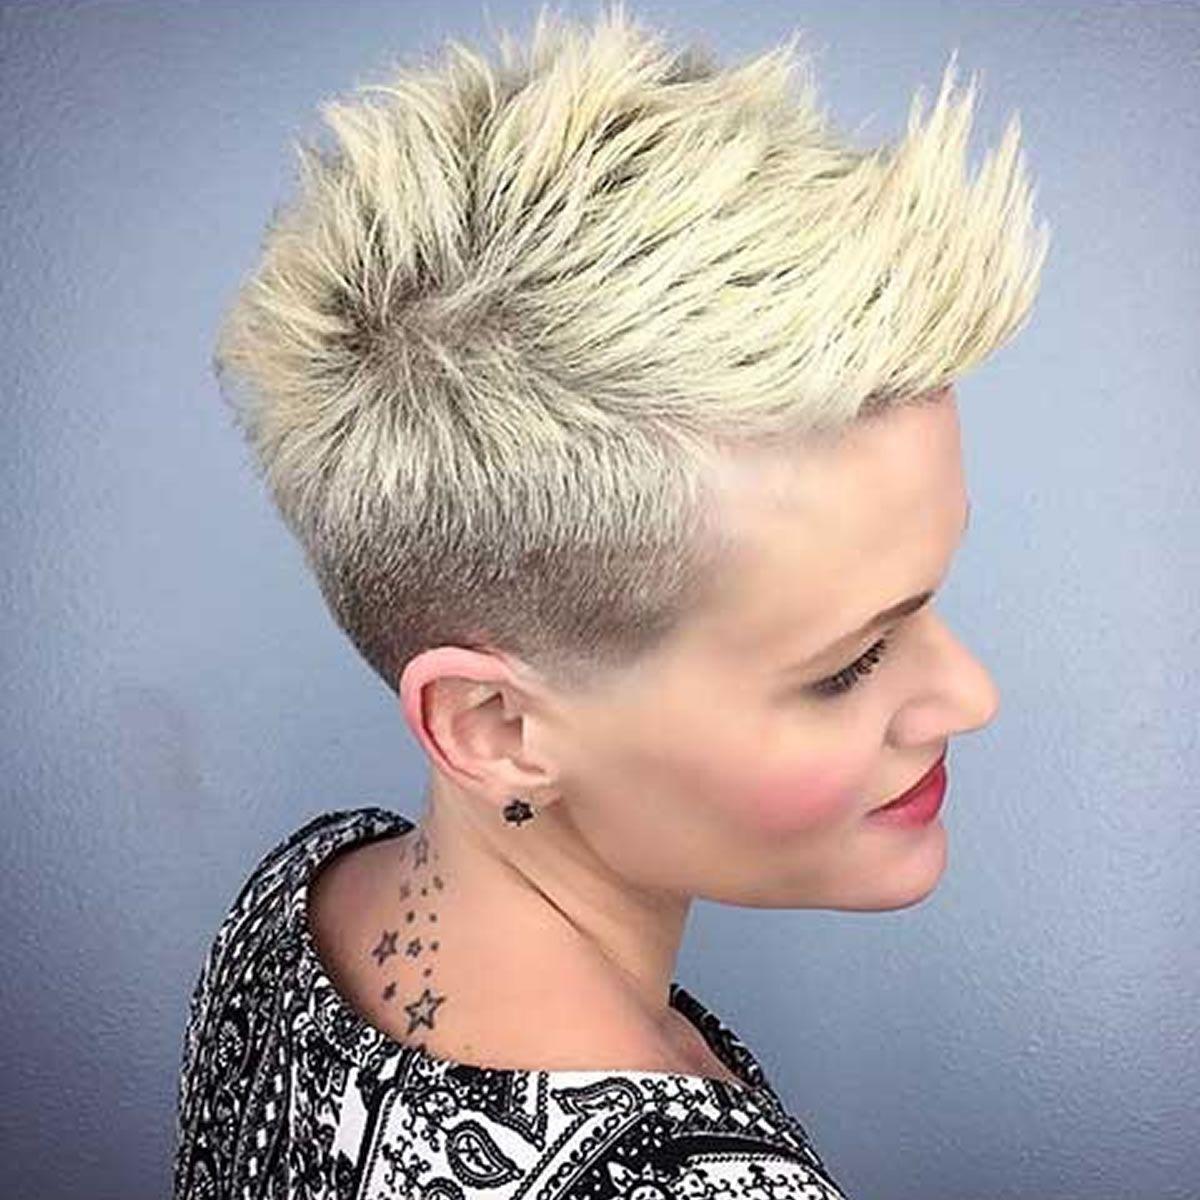 30 Die Coolsten Kurzhaarfrisuren Und Haarfarben Fur Frauen 2018